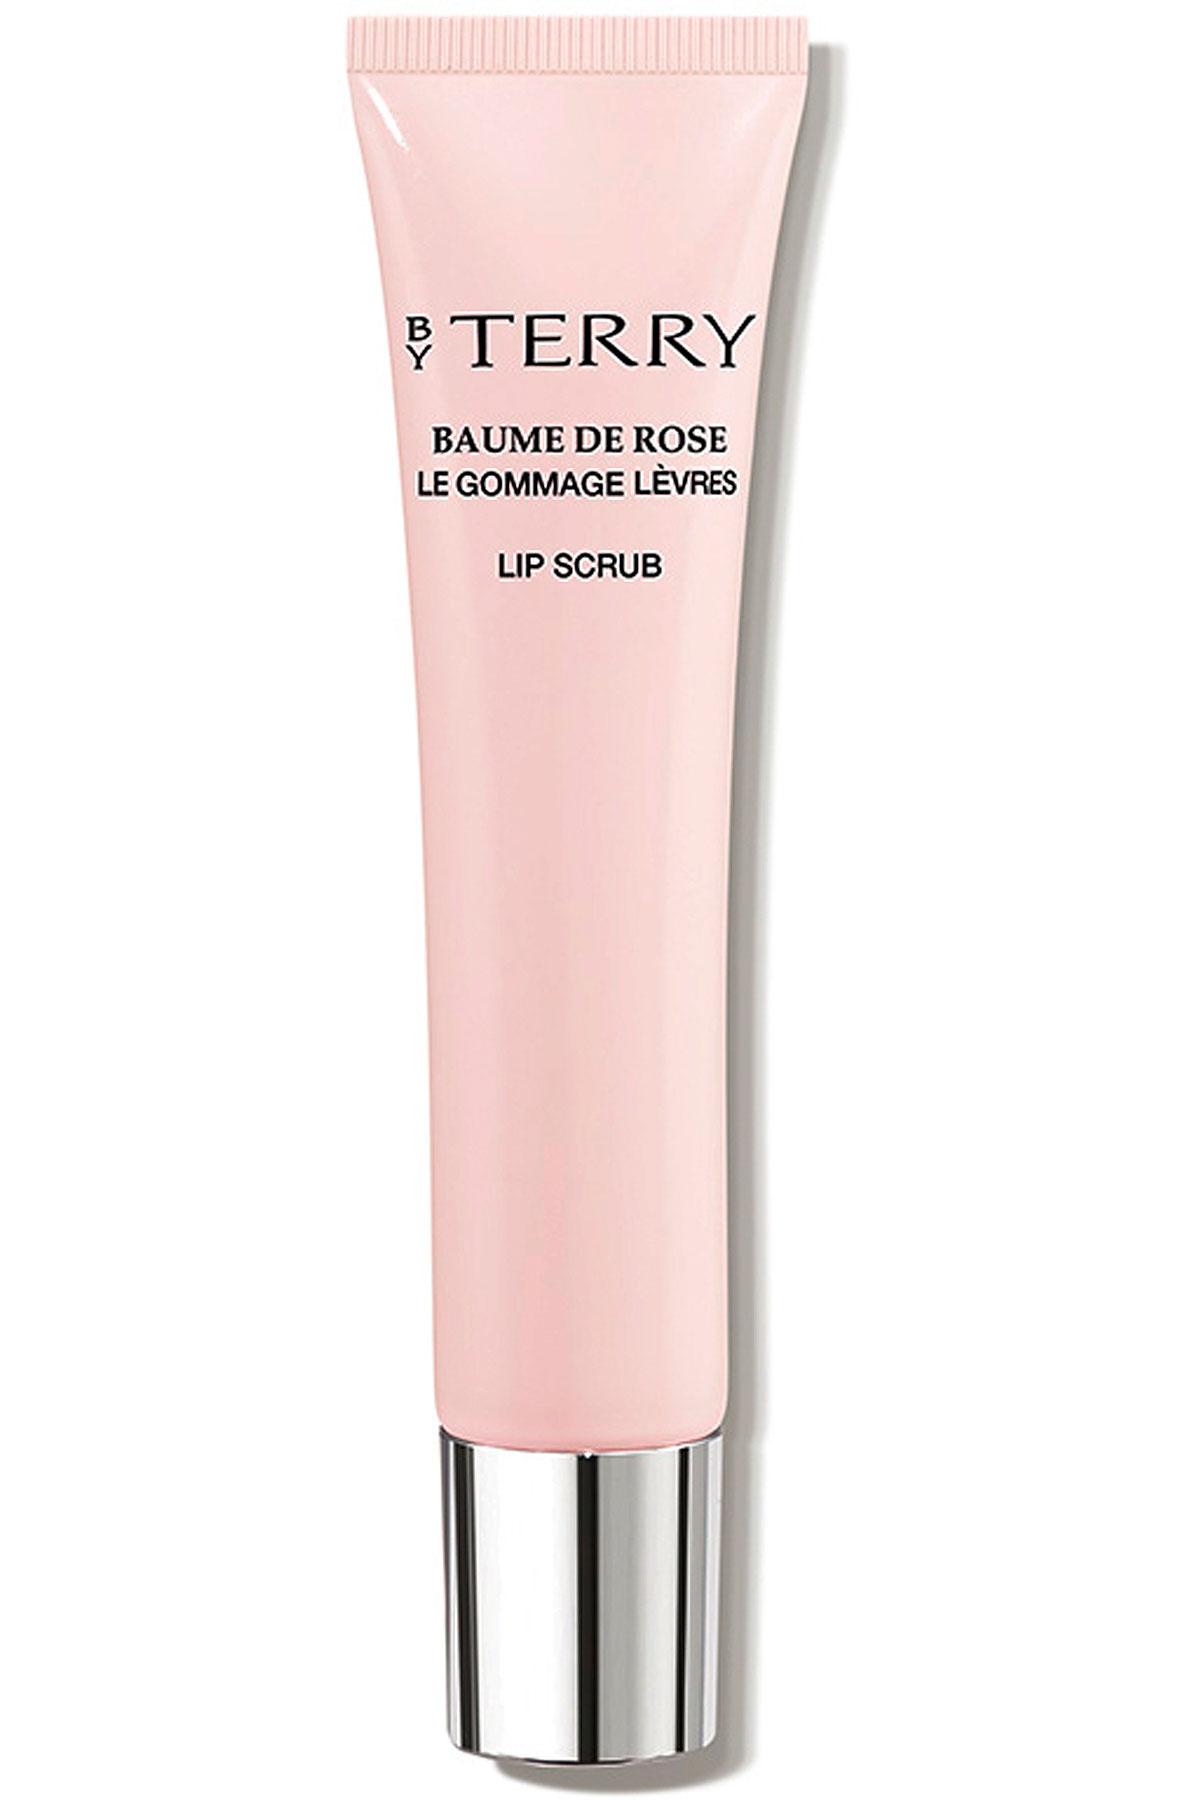 By Terry Beauty for Women, Baume De Rose - Lip Scrub - 15 Gr, 2019, 15 gr